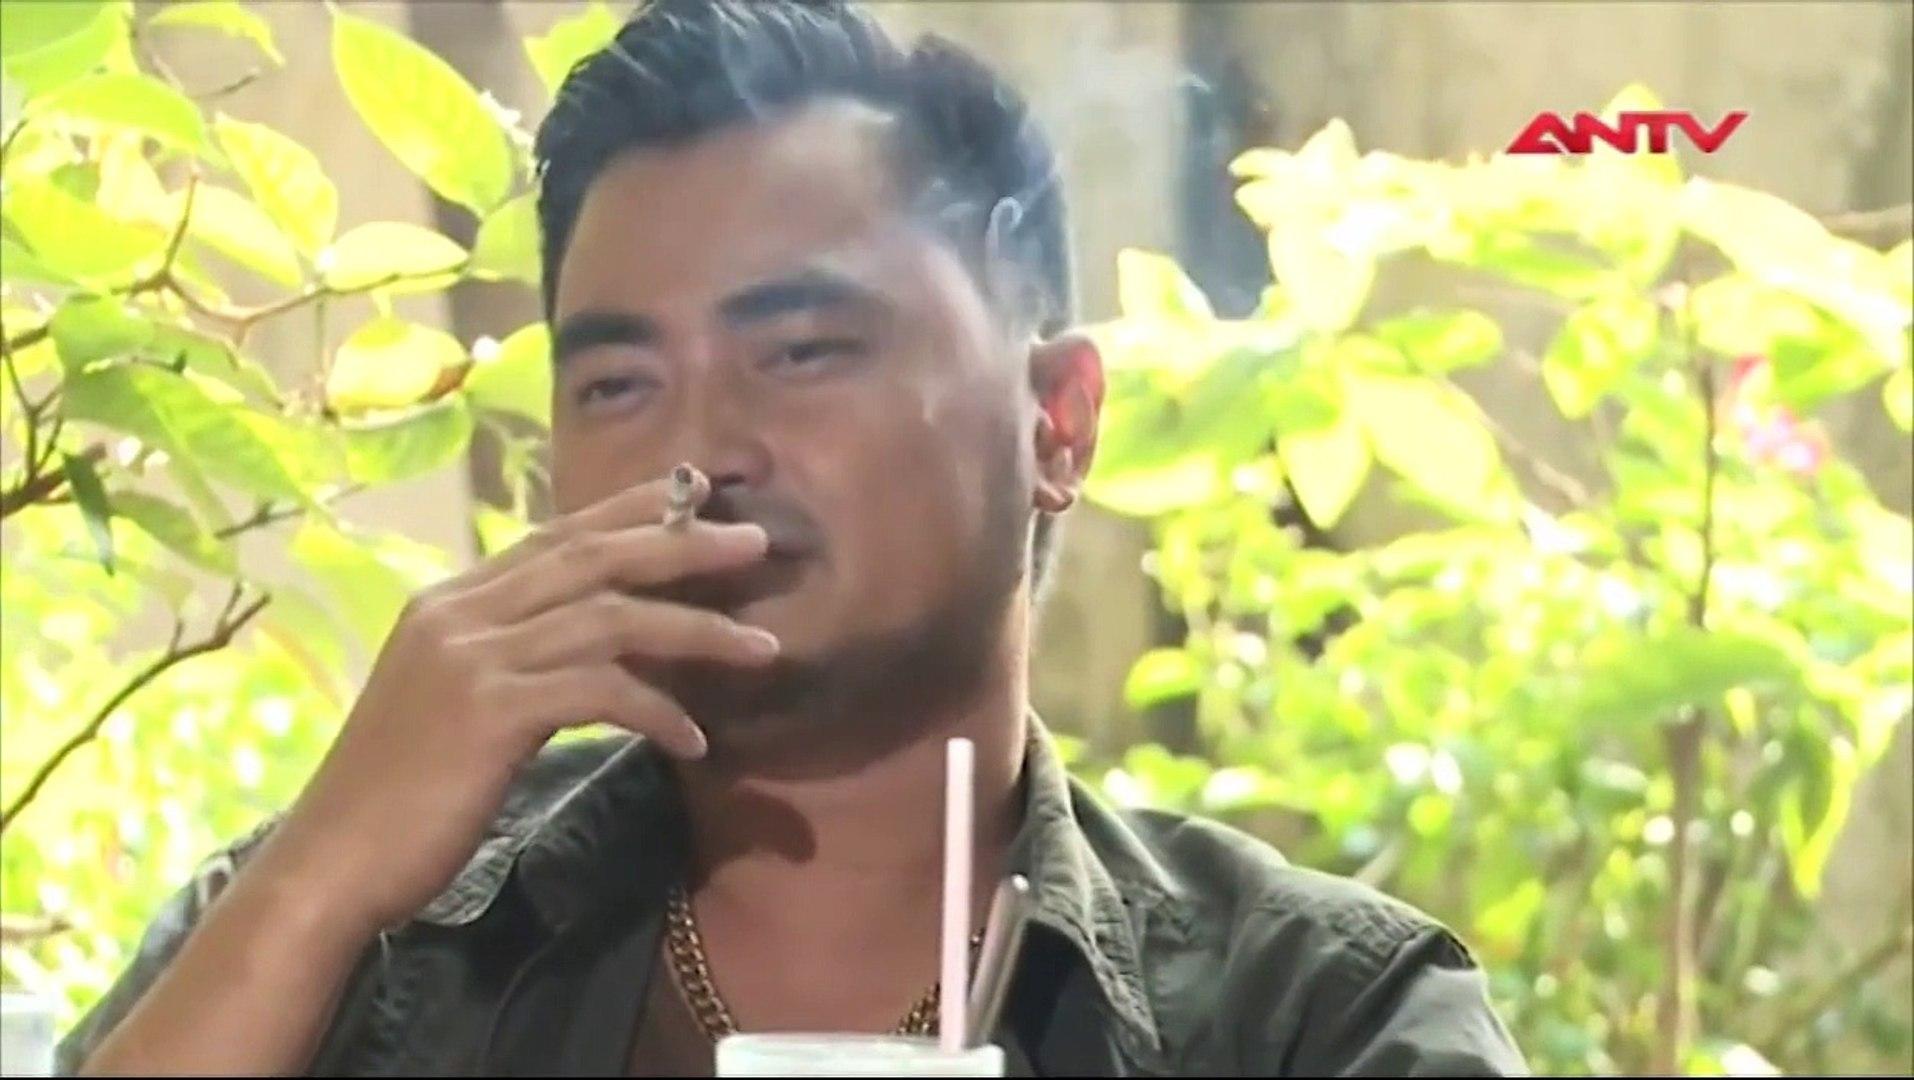 CON GÁI ÔNG TRÙM TẬP 1 - Phim BOM TẤN độc quyền trên ANTV